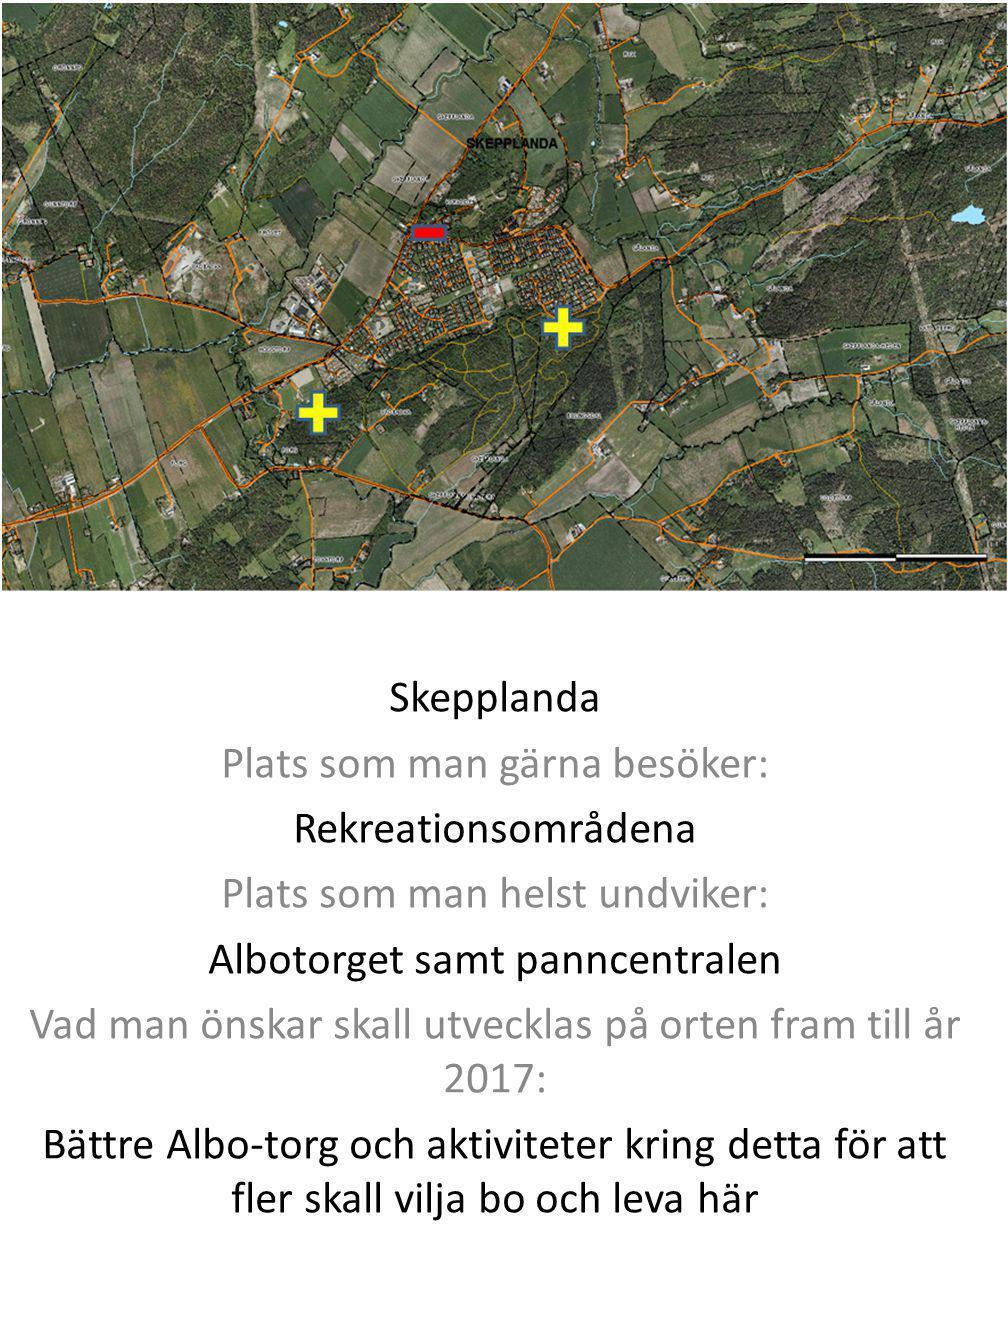 Alvhem Plats som man gärna besöker: Svenssons livs och älven Plats som man helst undviker: Skrotupplag samt dåliga byggnader på vissa tomter Vad man önskar skall utvecklas på orten fram till år 2017: Fler familjer kan flytta in samt upprensning